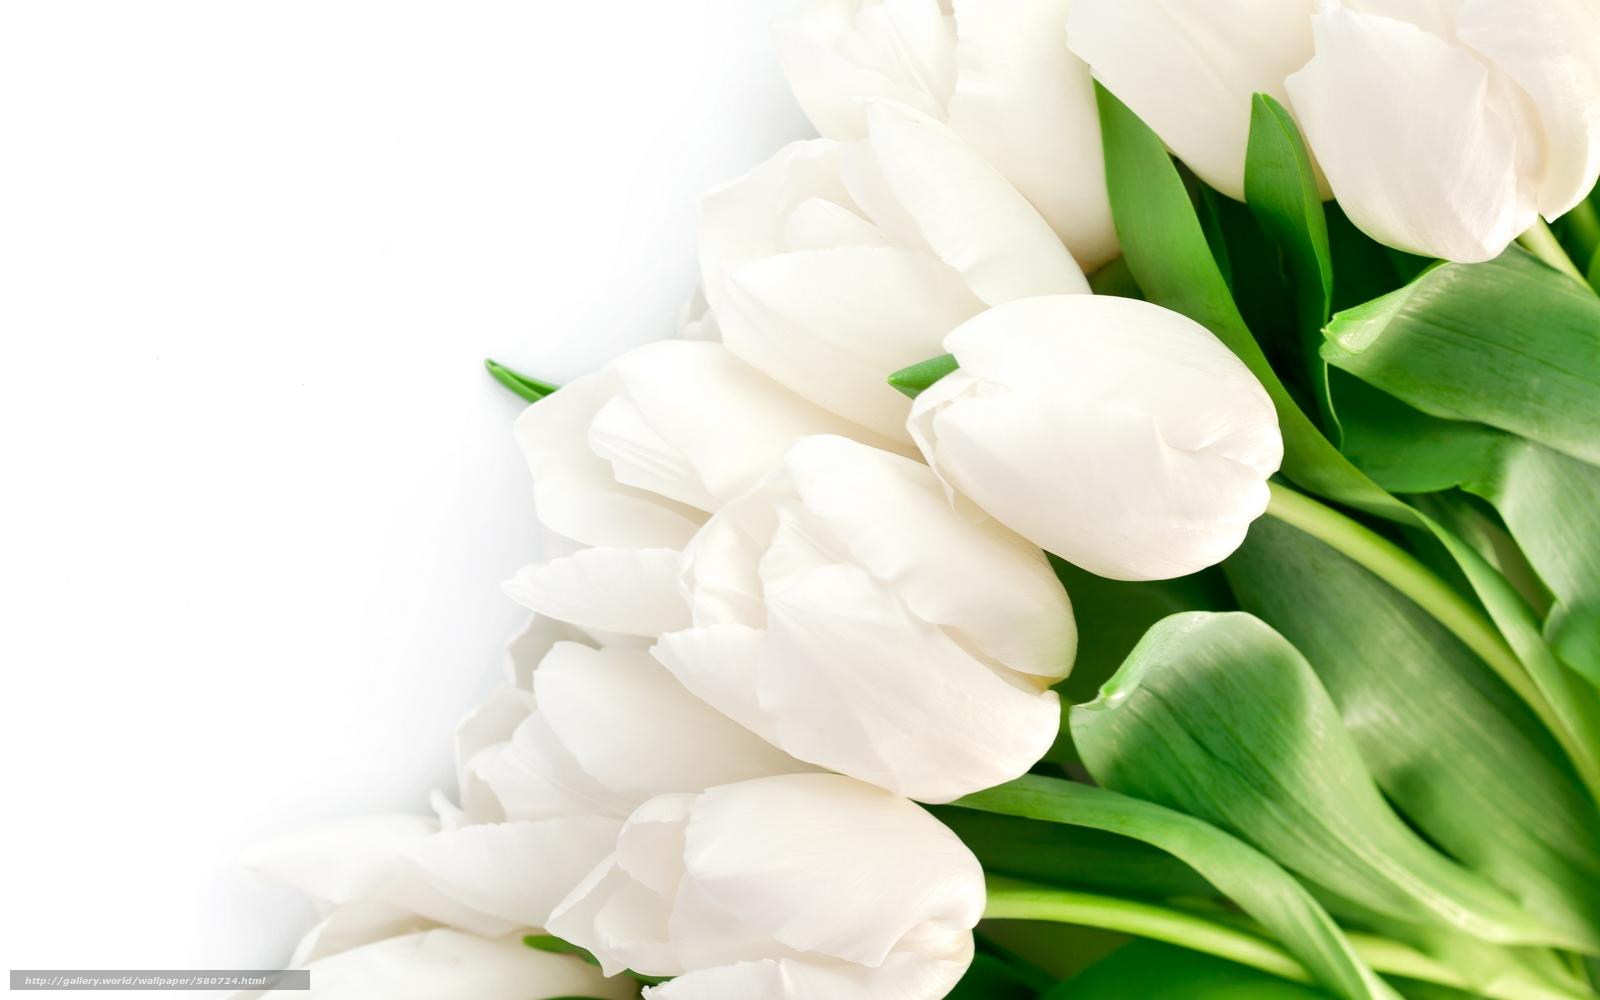 Скачать обои яркие,  лепестки,  листья,  белые бесплатно для рабочего стола в разрешении 2560x1600 — картинка №580724